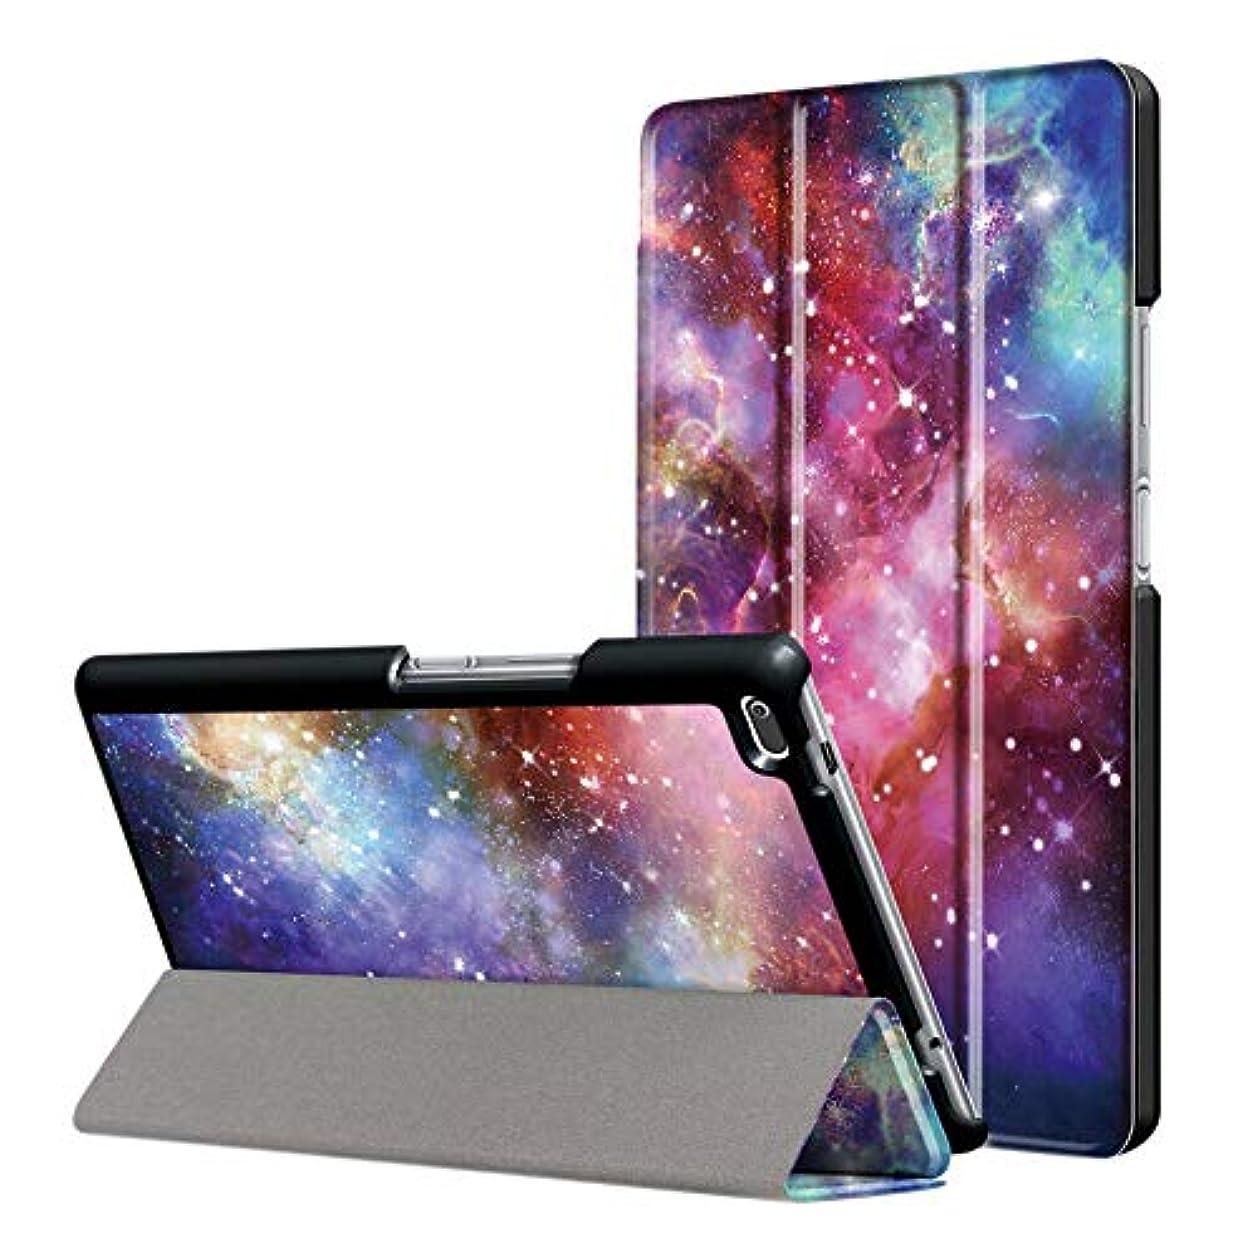 スラダム含めるなんとなくHenghx ケースカバー Lenovo Tab 4 8 TB-8504F TB-8504N Tablet(2017) スタンド機能付き 保護ケース 超薄型 防塵 耐衝撃 三つ折り パタン